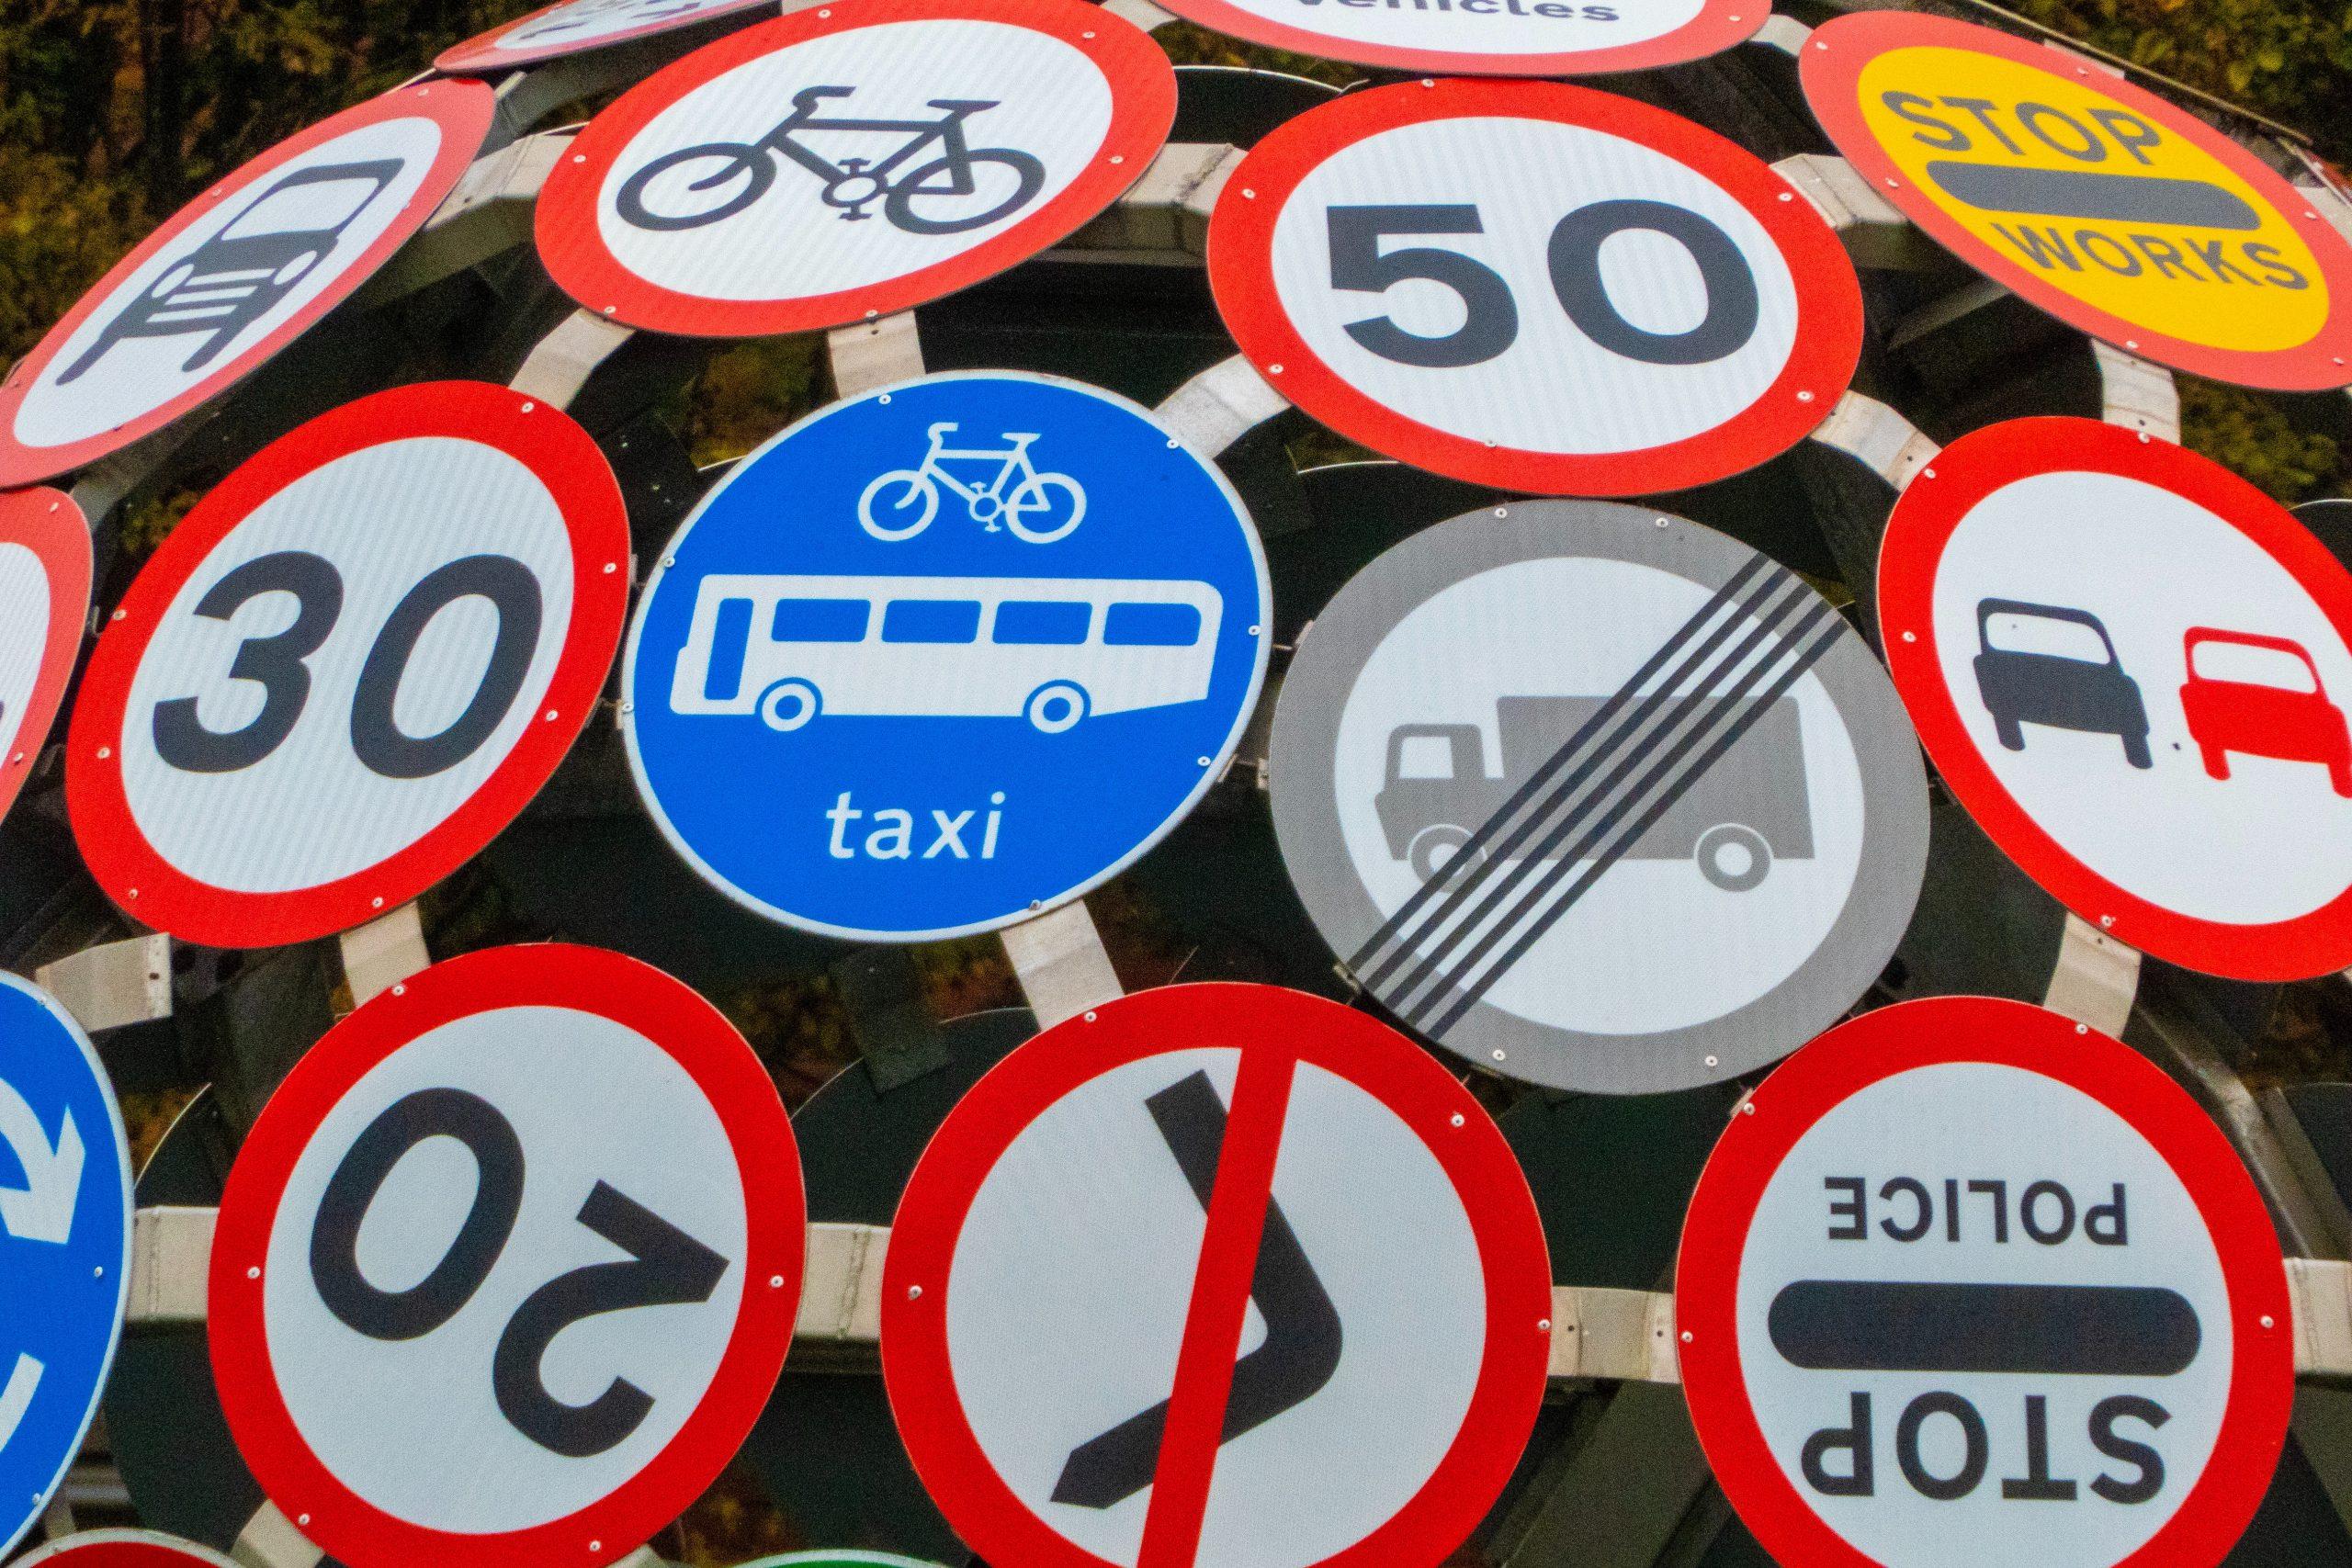 S-au trasat noi marcaje rutiere, montat indicatoare, dar s-au remediat și problemele la semafoare. Administrația Străzilor București continuă acest proces